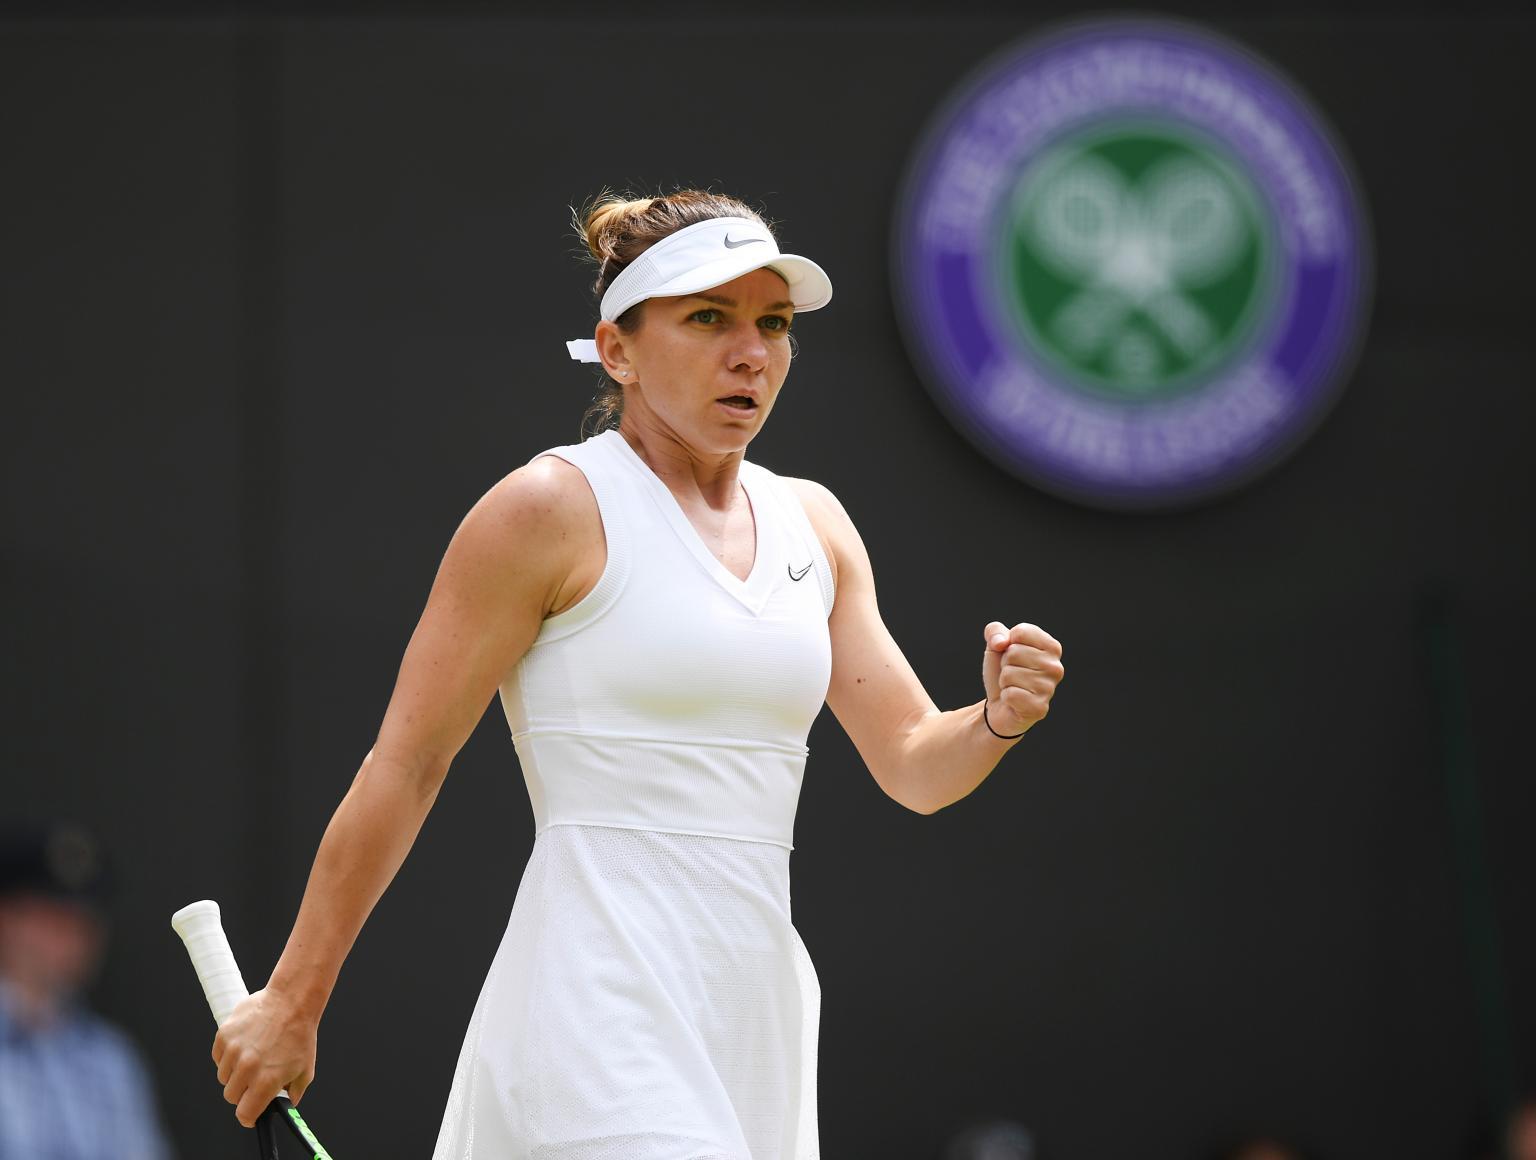 Simona Halep venceShuaiZhang e se garante na semifinal de Wimbledon